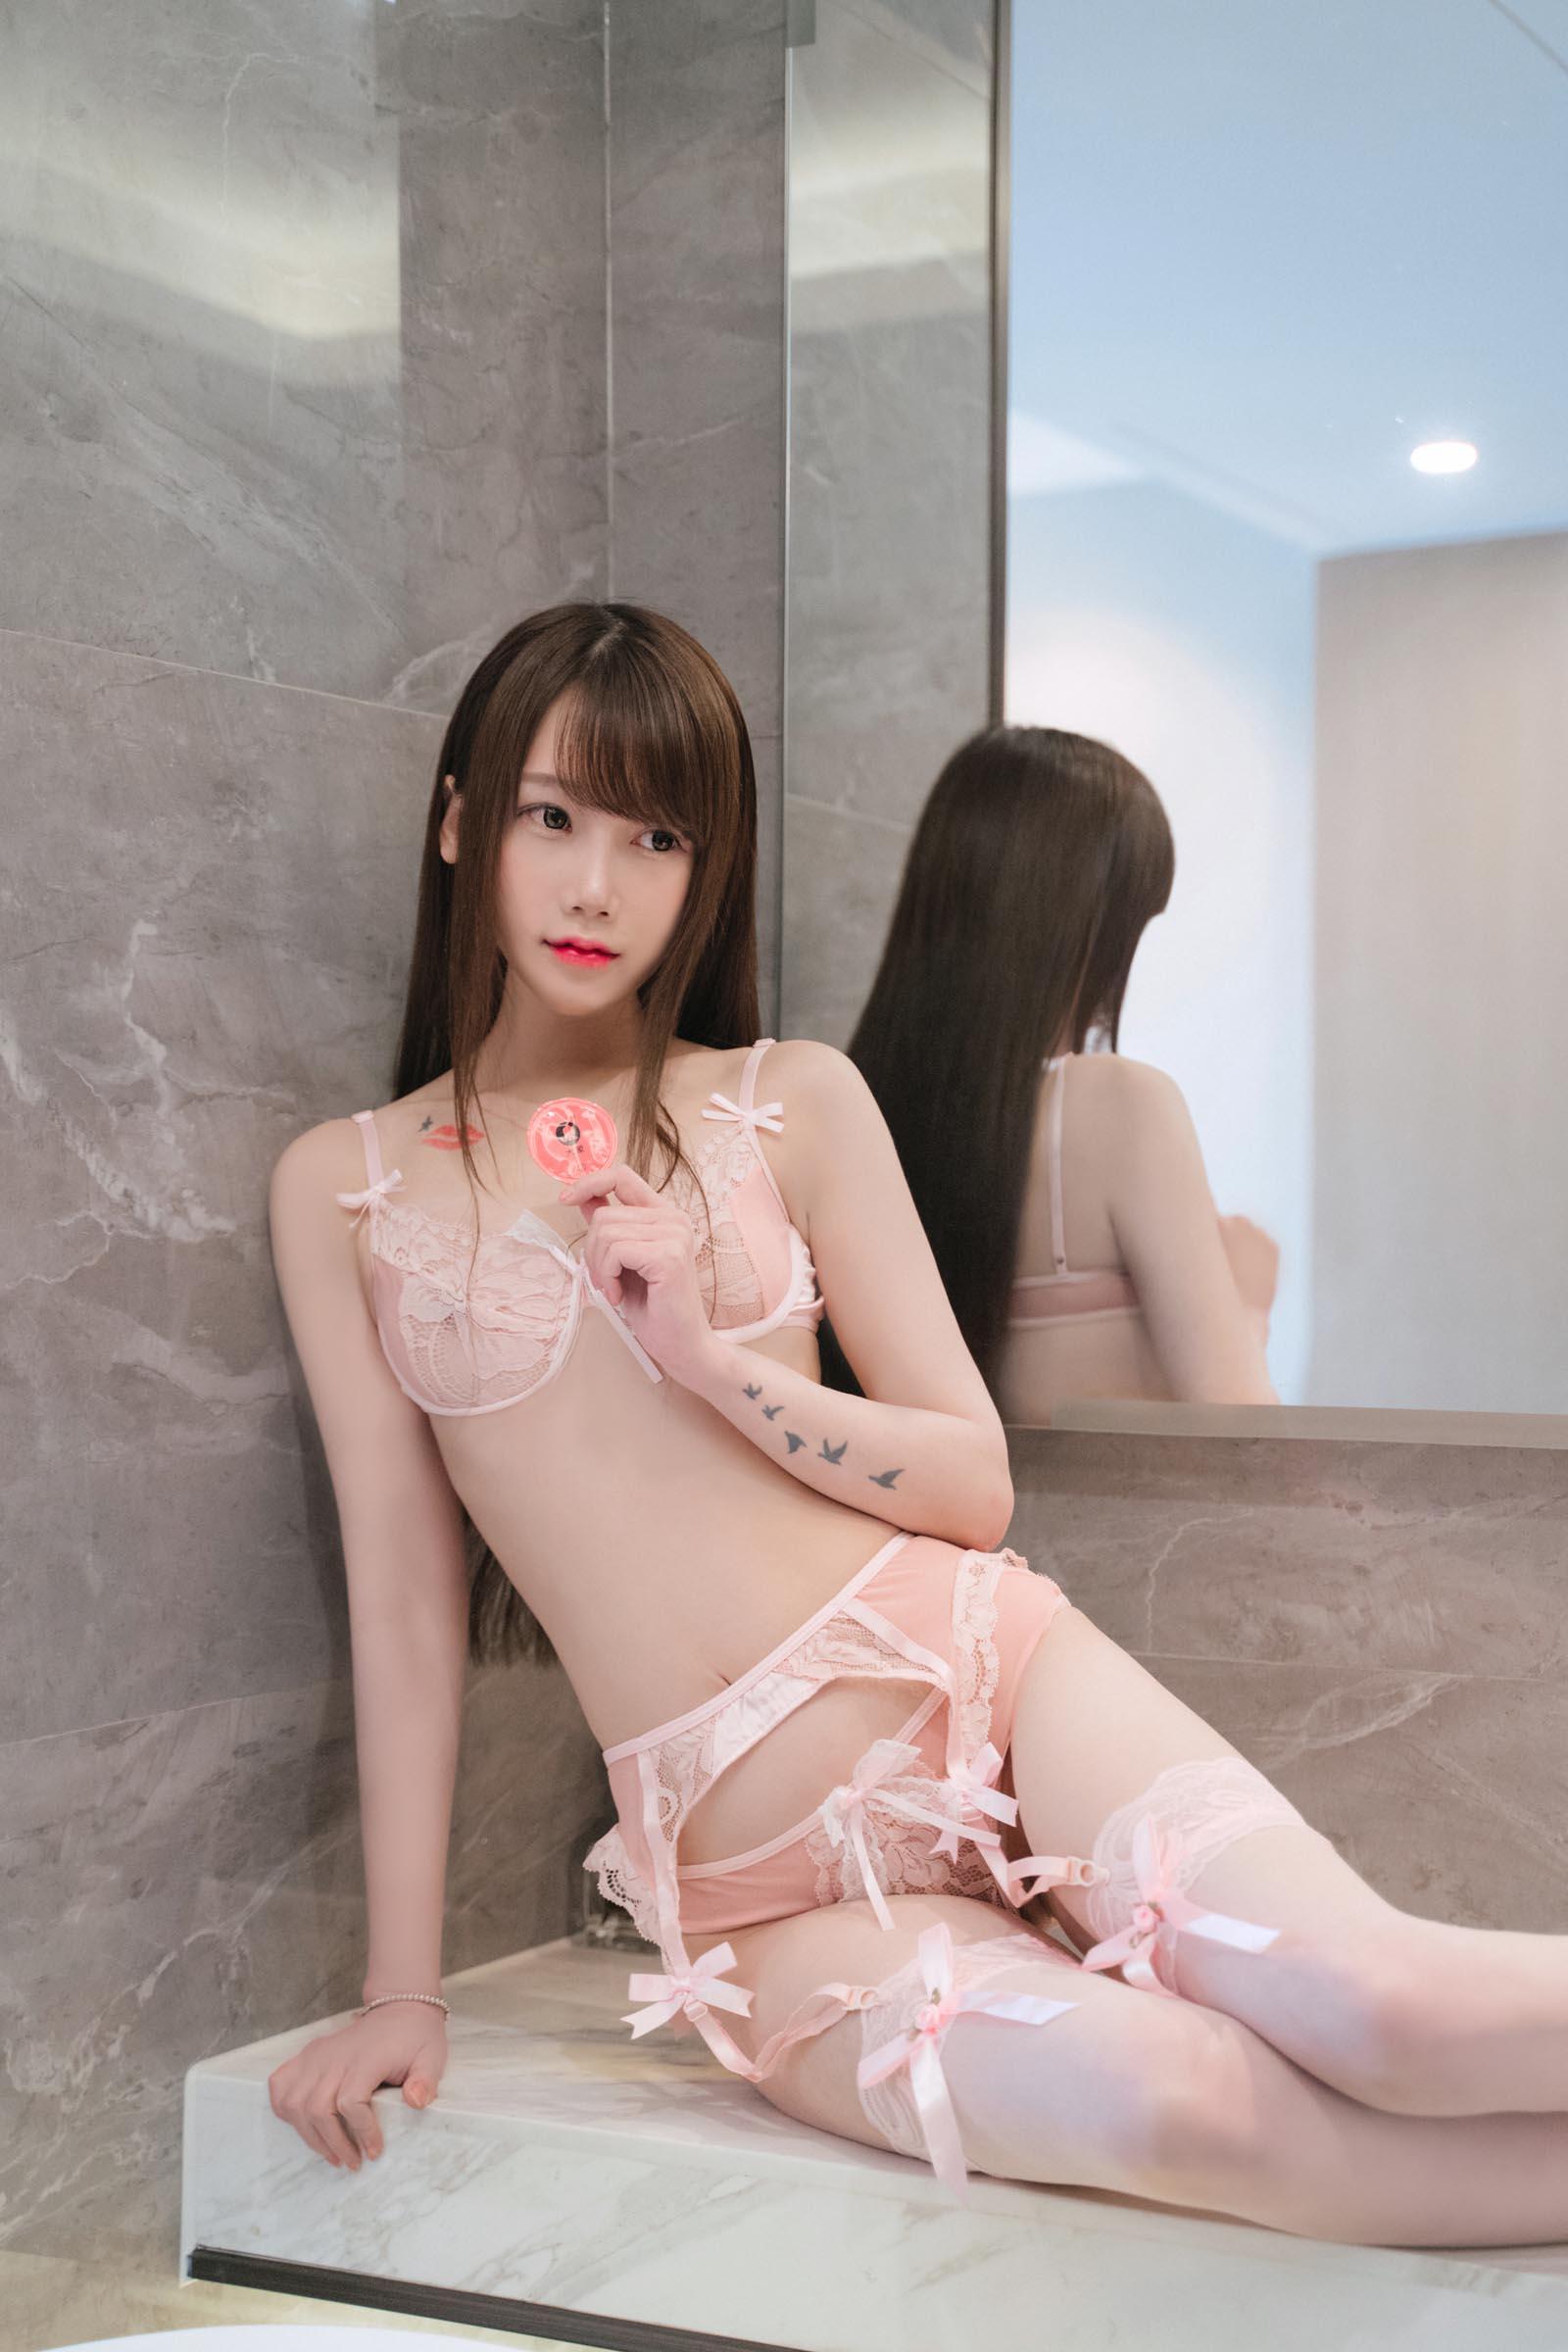 COS少女星野咪兔 - just stay 浴缸